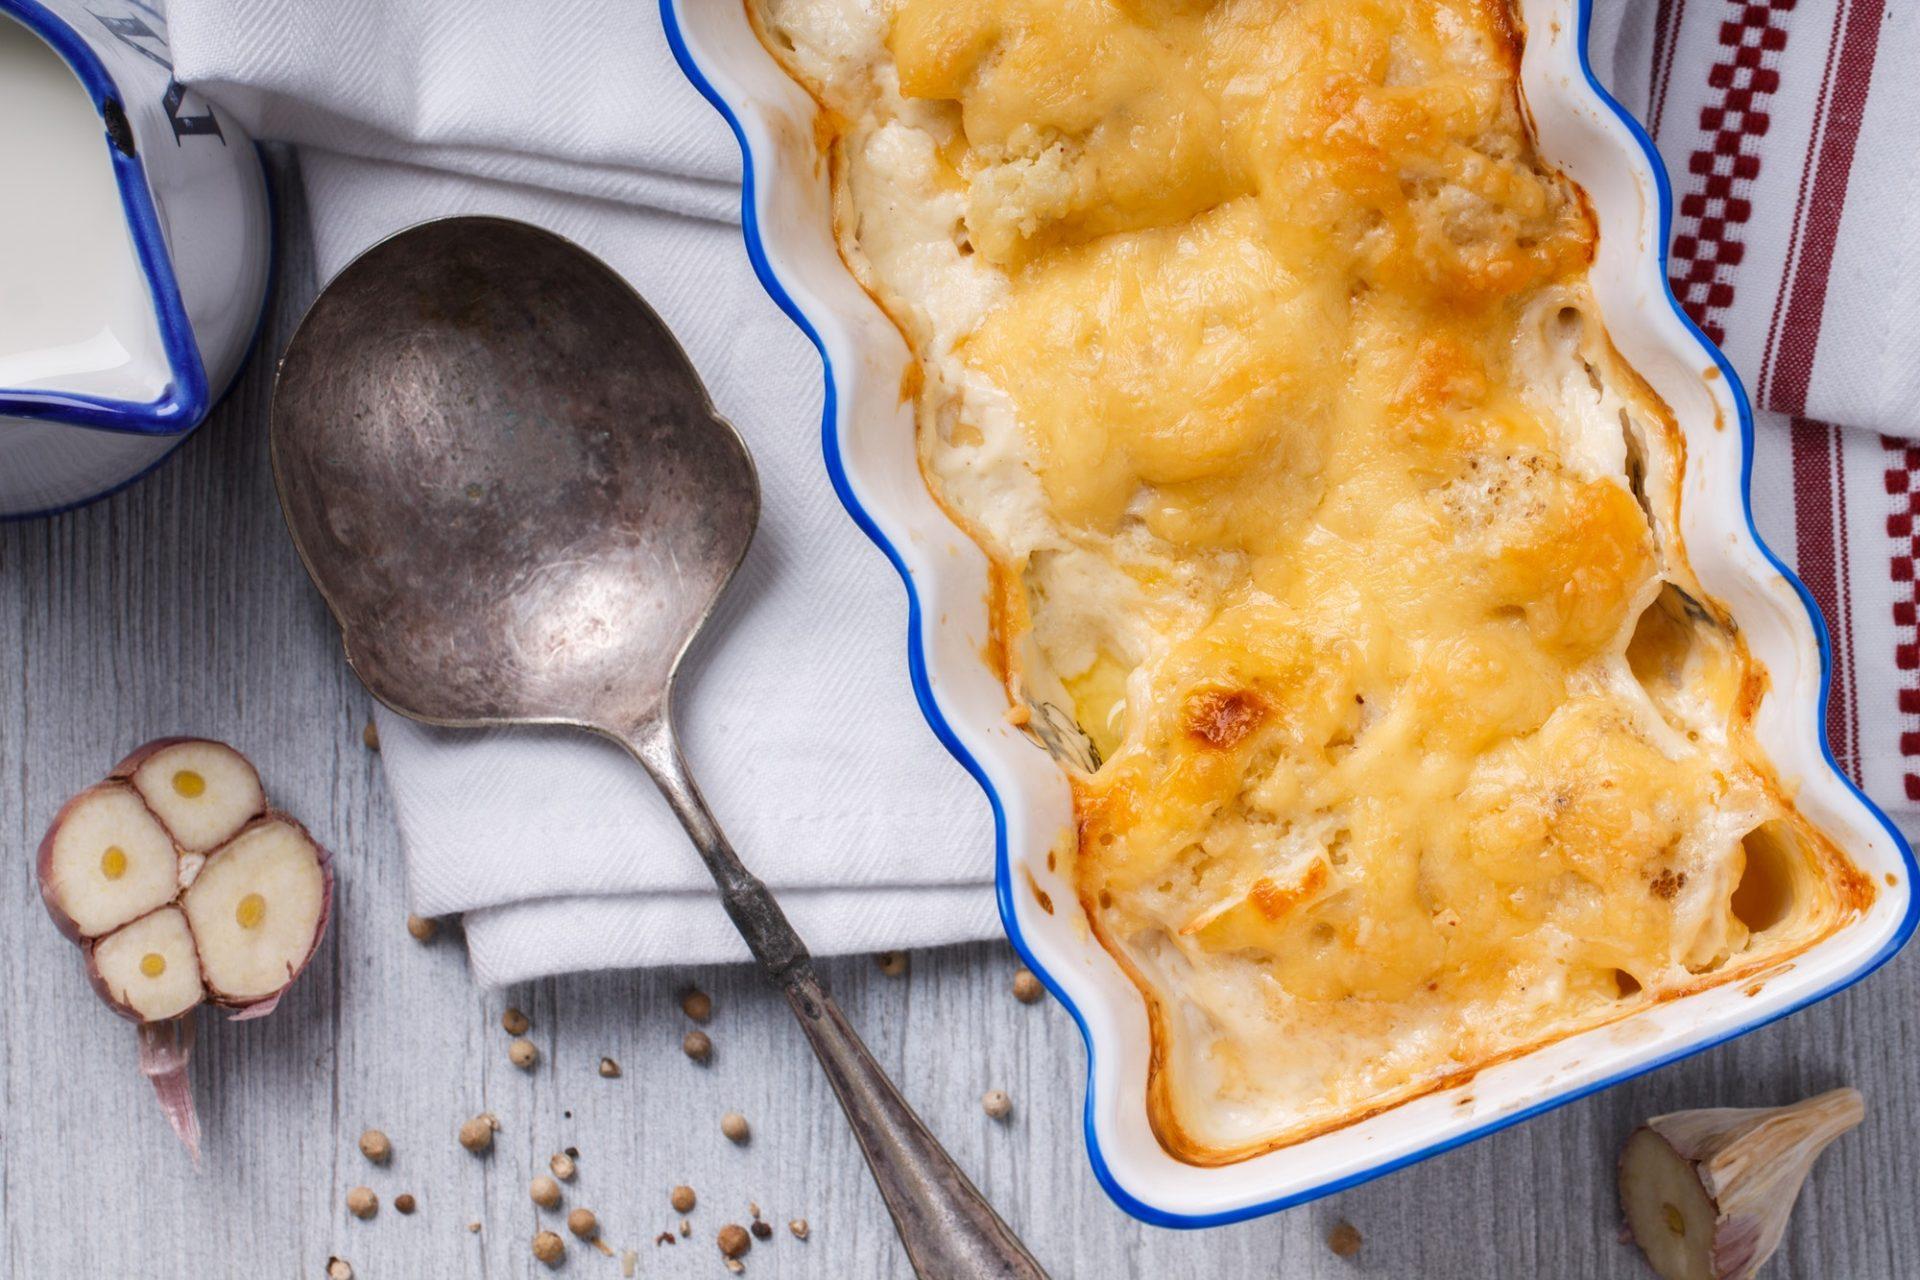 Gratin of cauliflower, potatoes and cheese